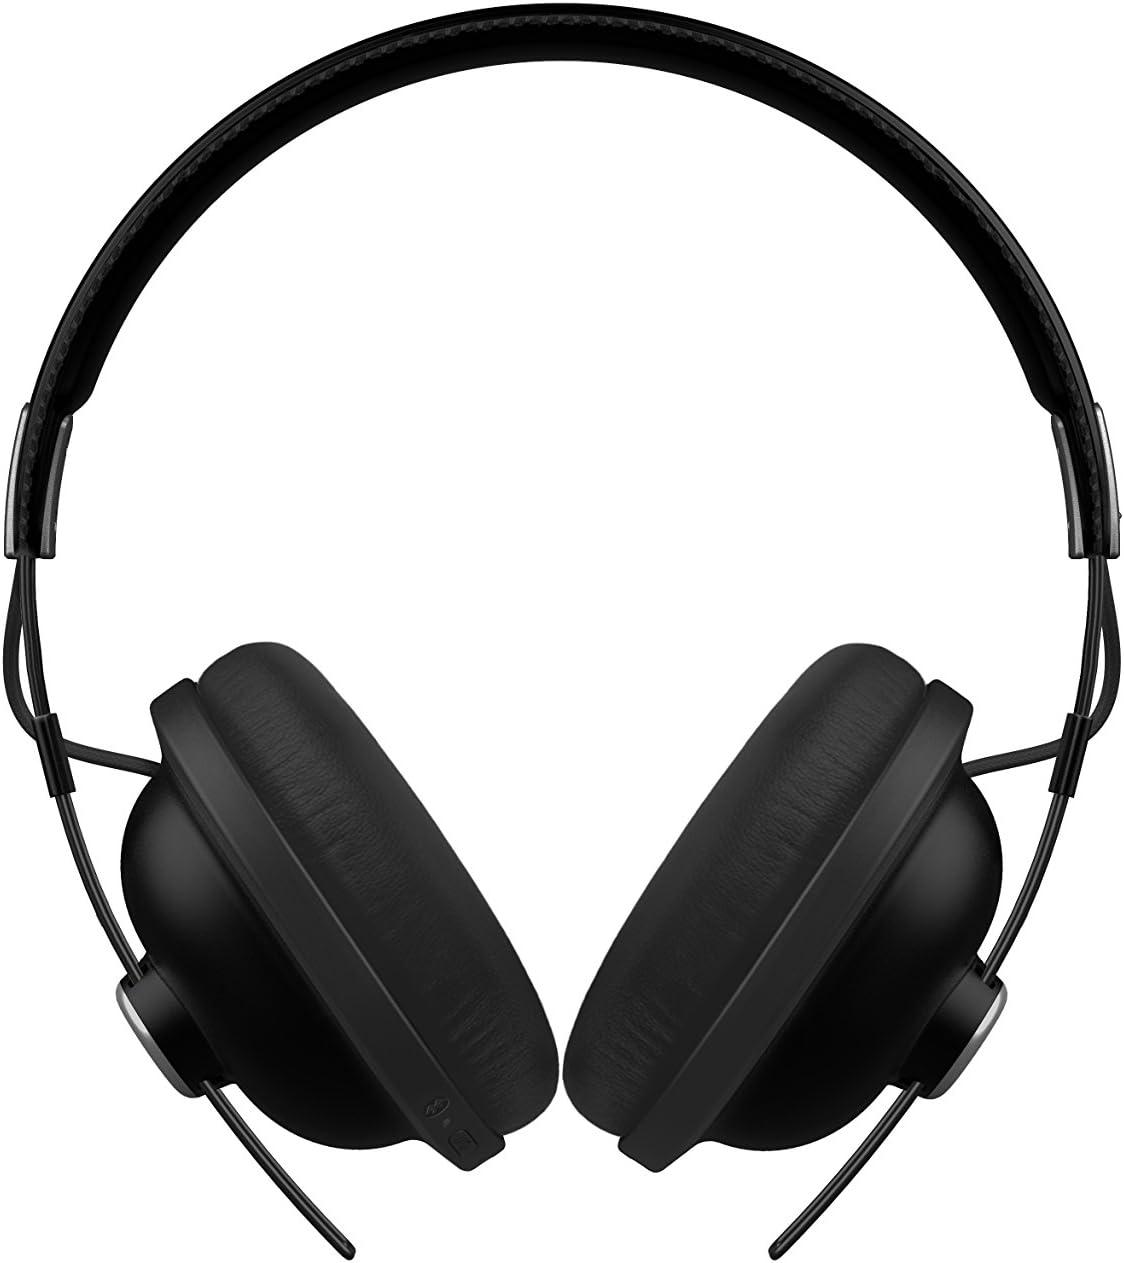 Panasonic RP-HTX80BE-K - Auriculares Bluetooth Diadema (24 h de Reproducción, Micrófono y Manos Libres, Hi-Fi Sonido, Cascos Inalámbricos, Carga Rápida, Cascos Diadema Premium Moviles, TV, PC) Negro